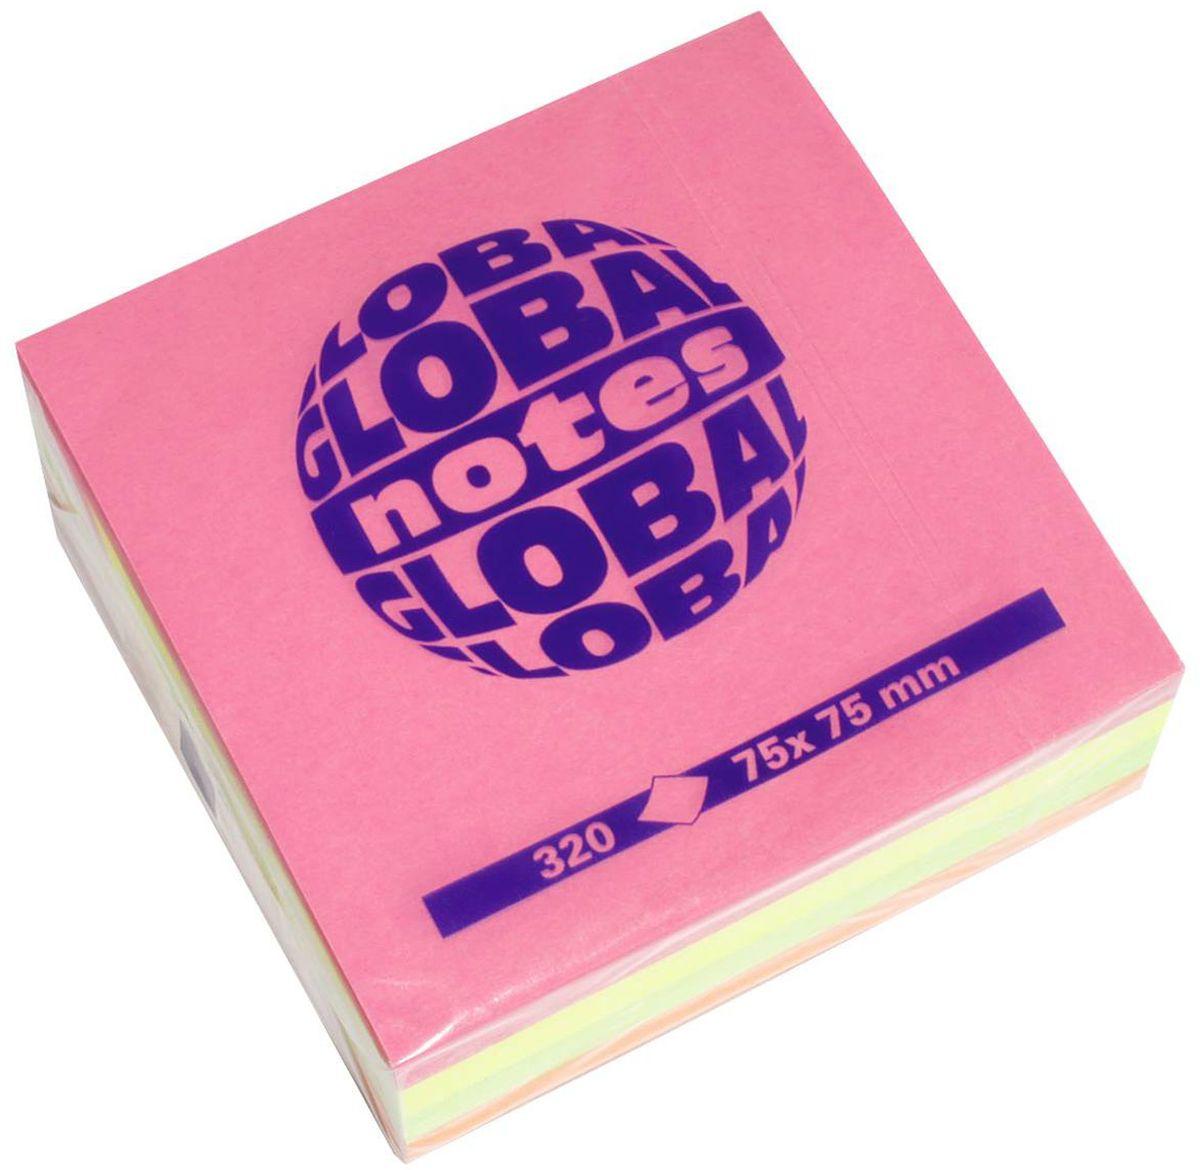 Global Notes Бумага для заметок с липким слоем 7,5 х 7,5 см 320 листов0703415Яркая бумага для заметок с липким краем Global Notes - это удобное и практичное решение для быстрой записи информации дома или на работе.Качественная клеевая полоса рассчитана на крепление к любой поверхности, позволяет приклеивать и отклеивать листок неограниченное количество раз, не оставляя следов. Блок состоит из 4 цветов (ярко-розового, желтого, оранжевого и зеленого). Всего в блоке 320 листов (каждого цвета по 50 листов).Размер блока - 75 х 75 мм.Плотность бумаги 70г/м2.